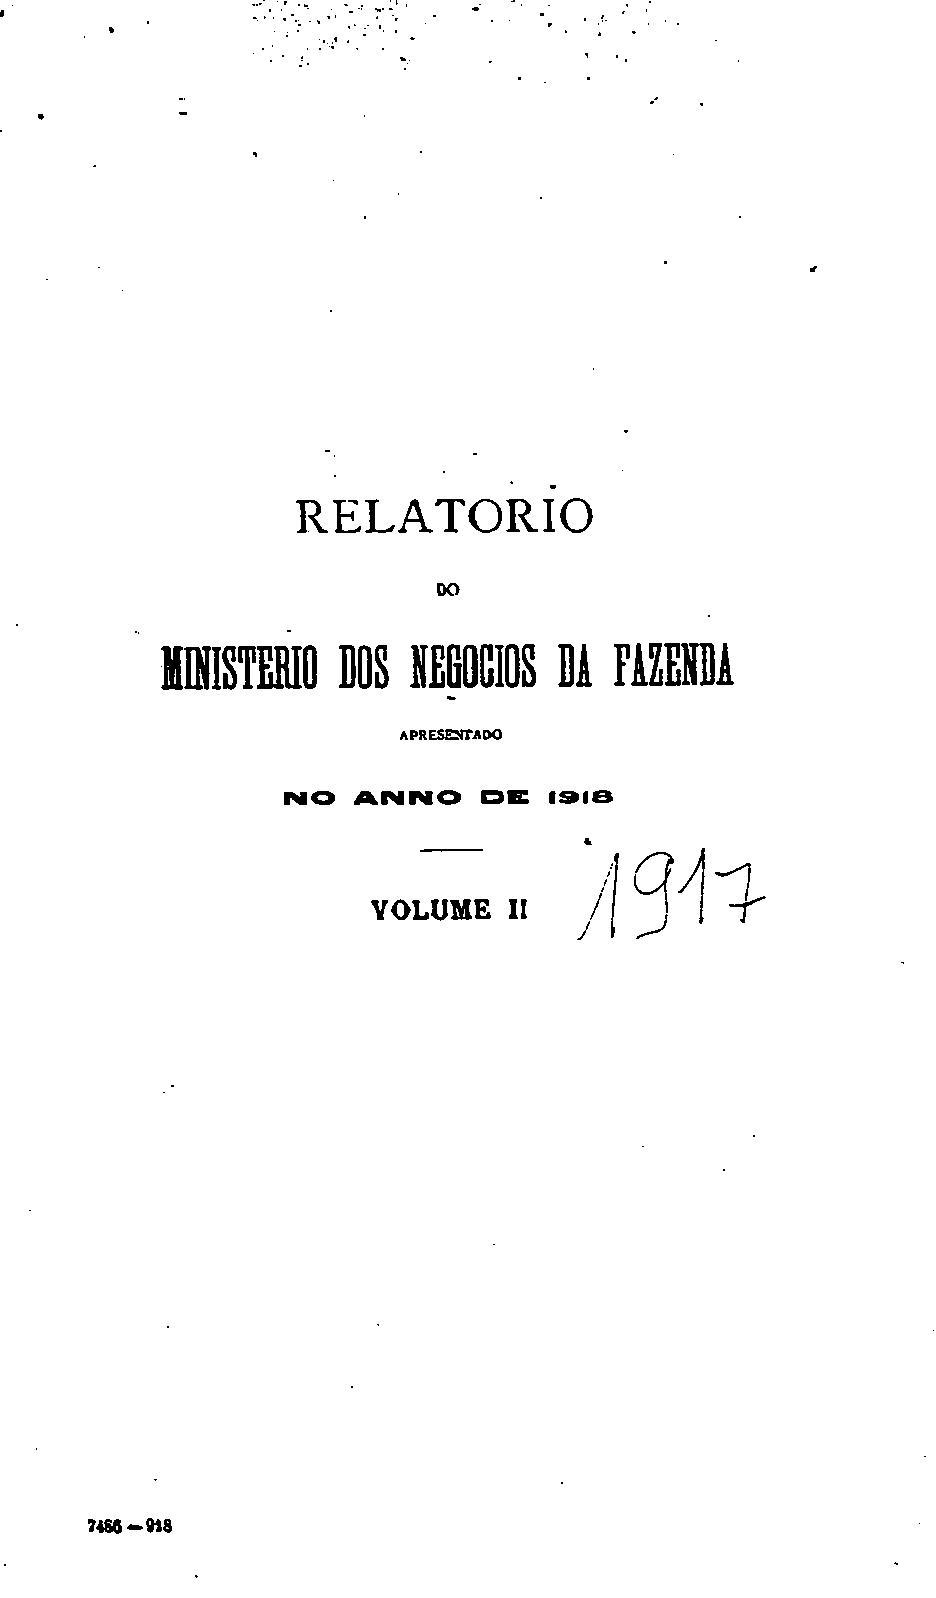 Ministerio da Fazenda - Relatório apresentado ao presidente da República dos Estados Unidos do Brazil pelo Dr.Antonio Carlos Ribeiro de Andrada Ministro de Estado dos Negócios da Fazenda no anno de 1918, 30º da República - volume II